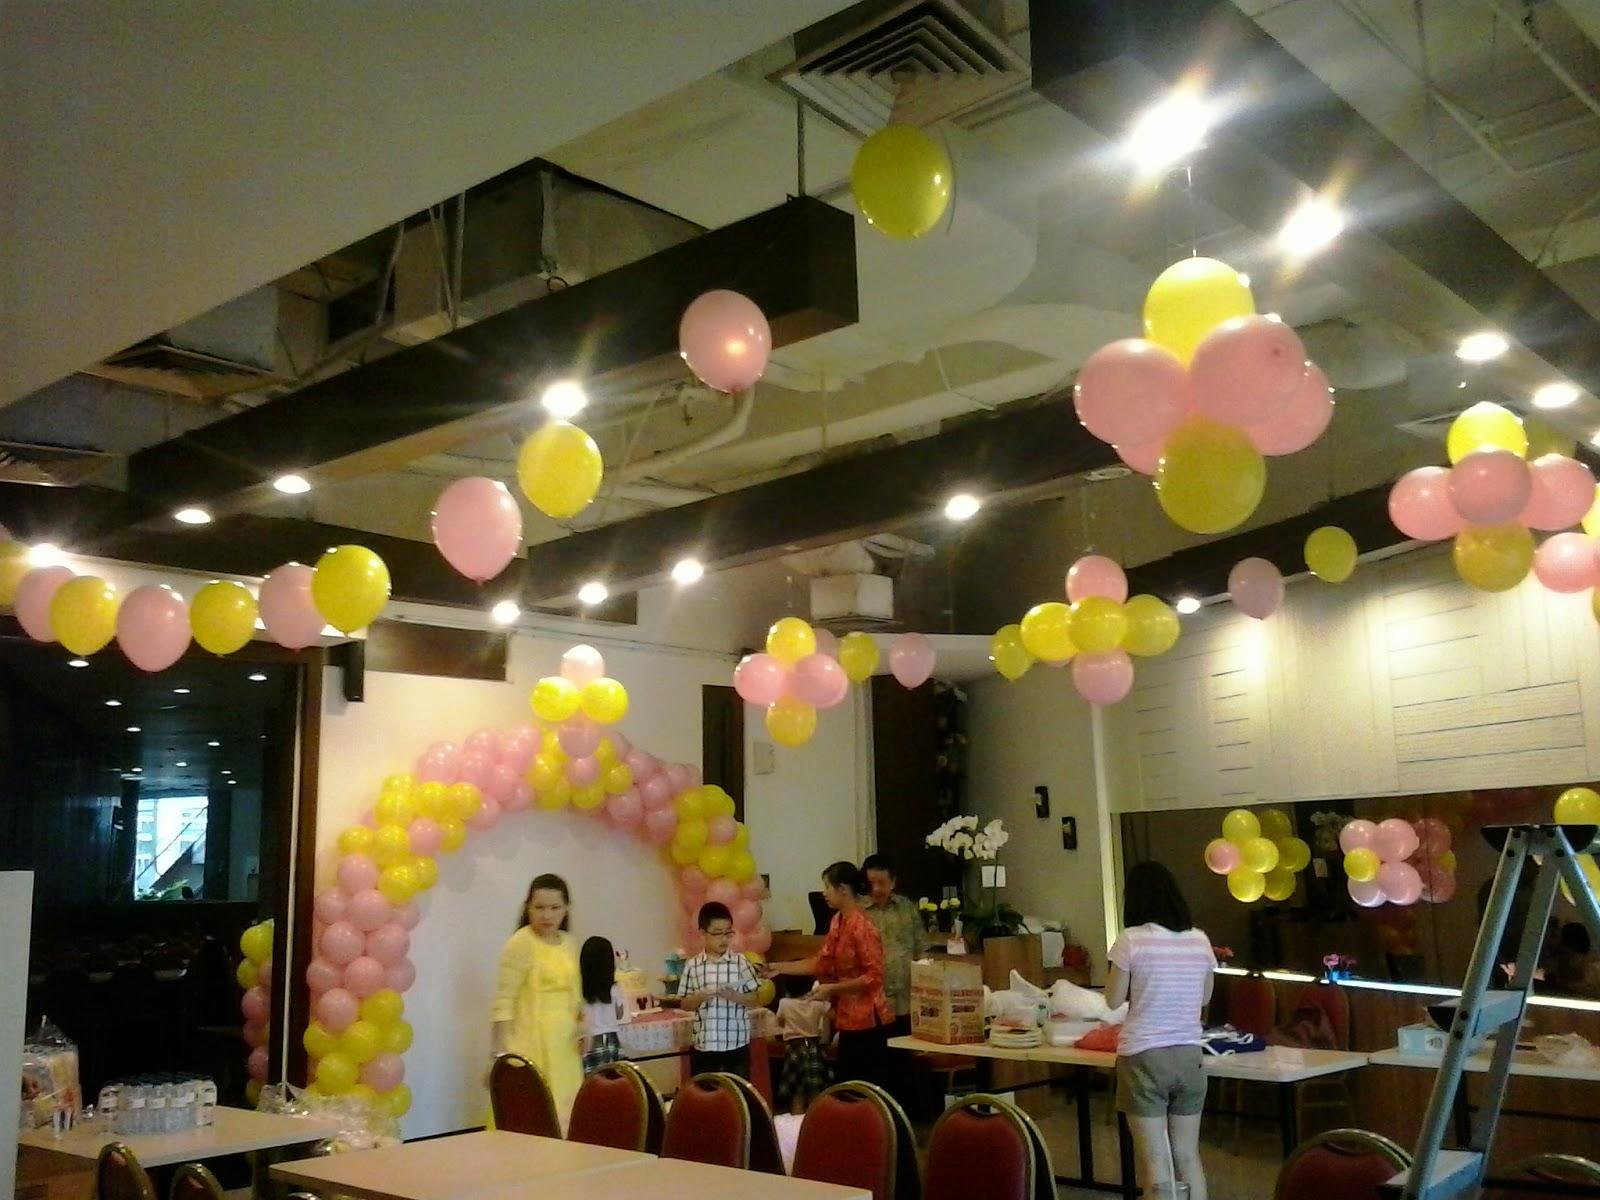 Balon dekorasi lampion